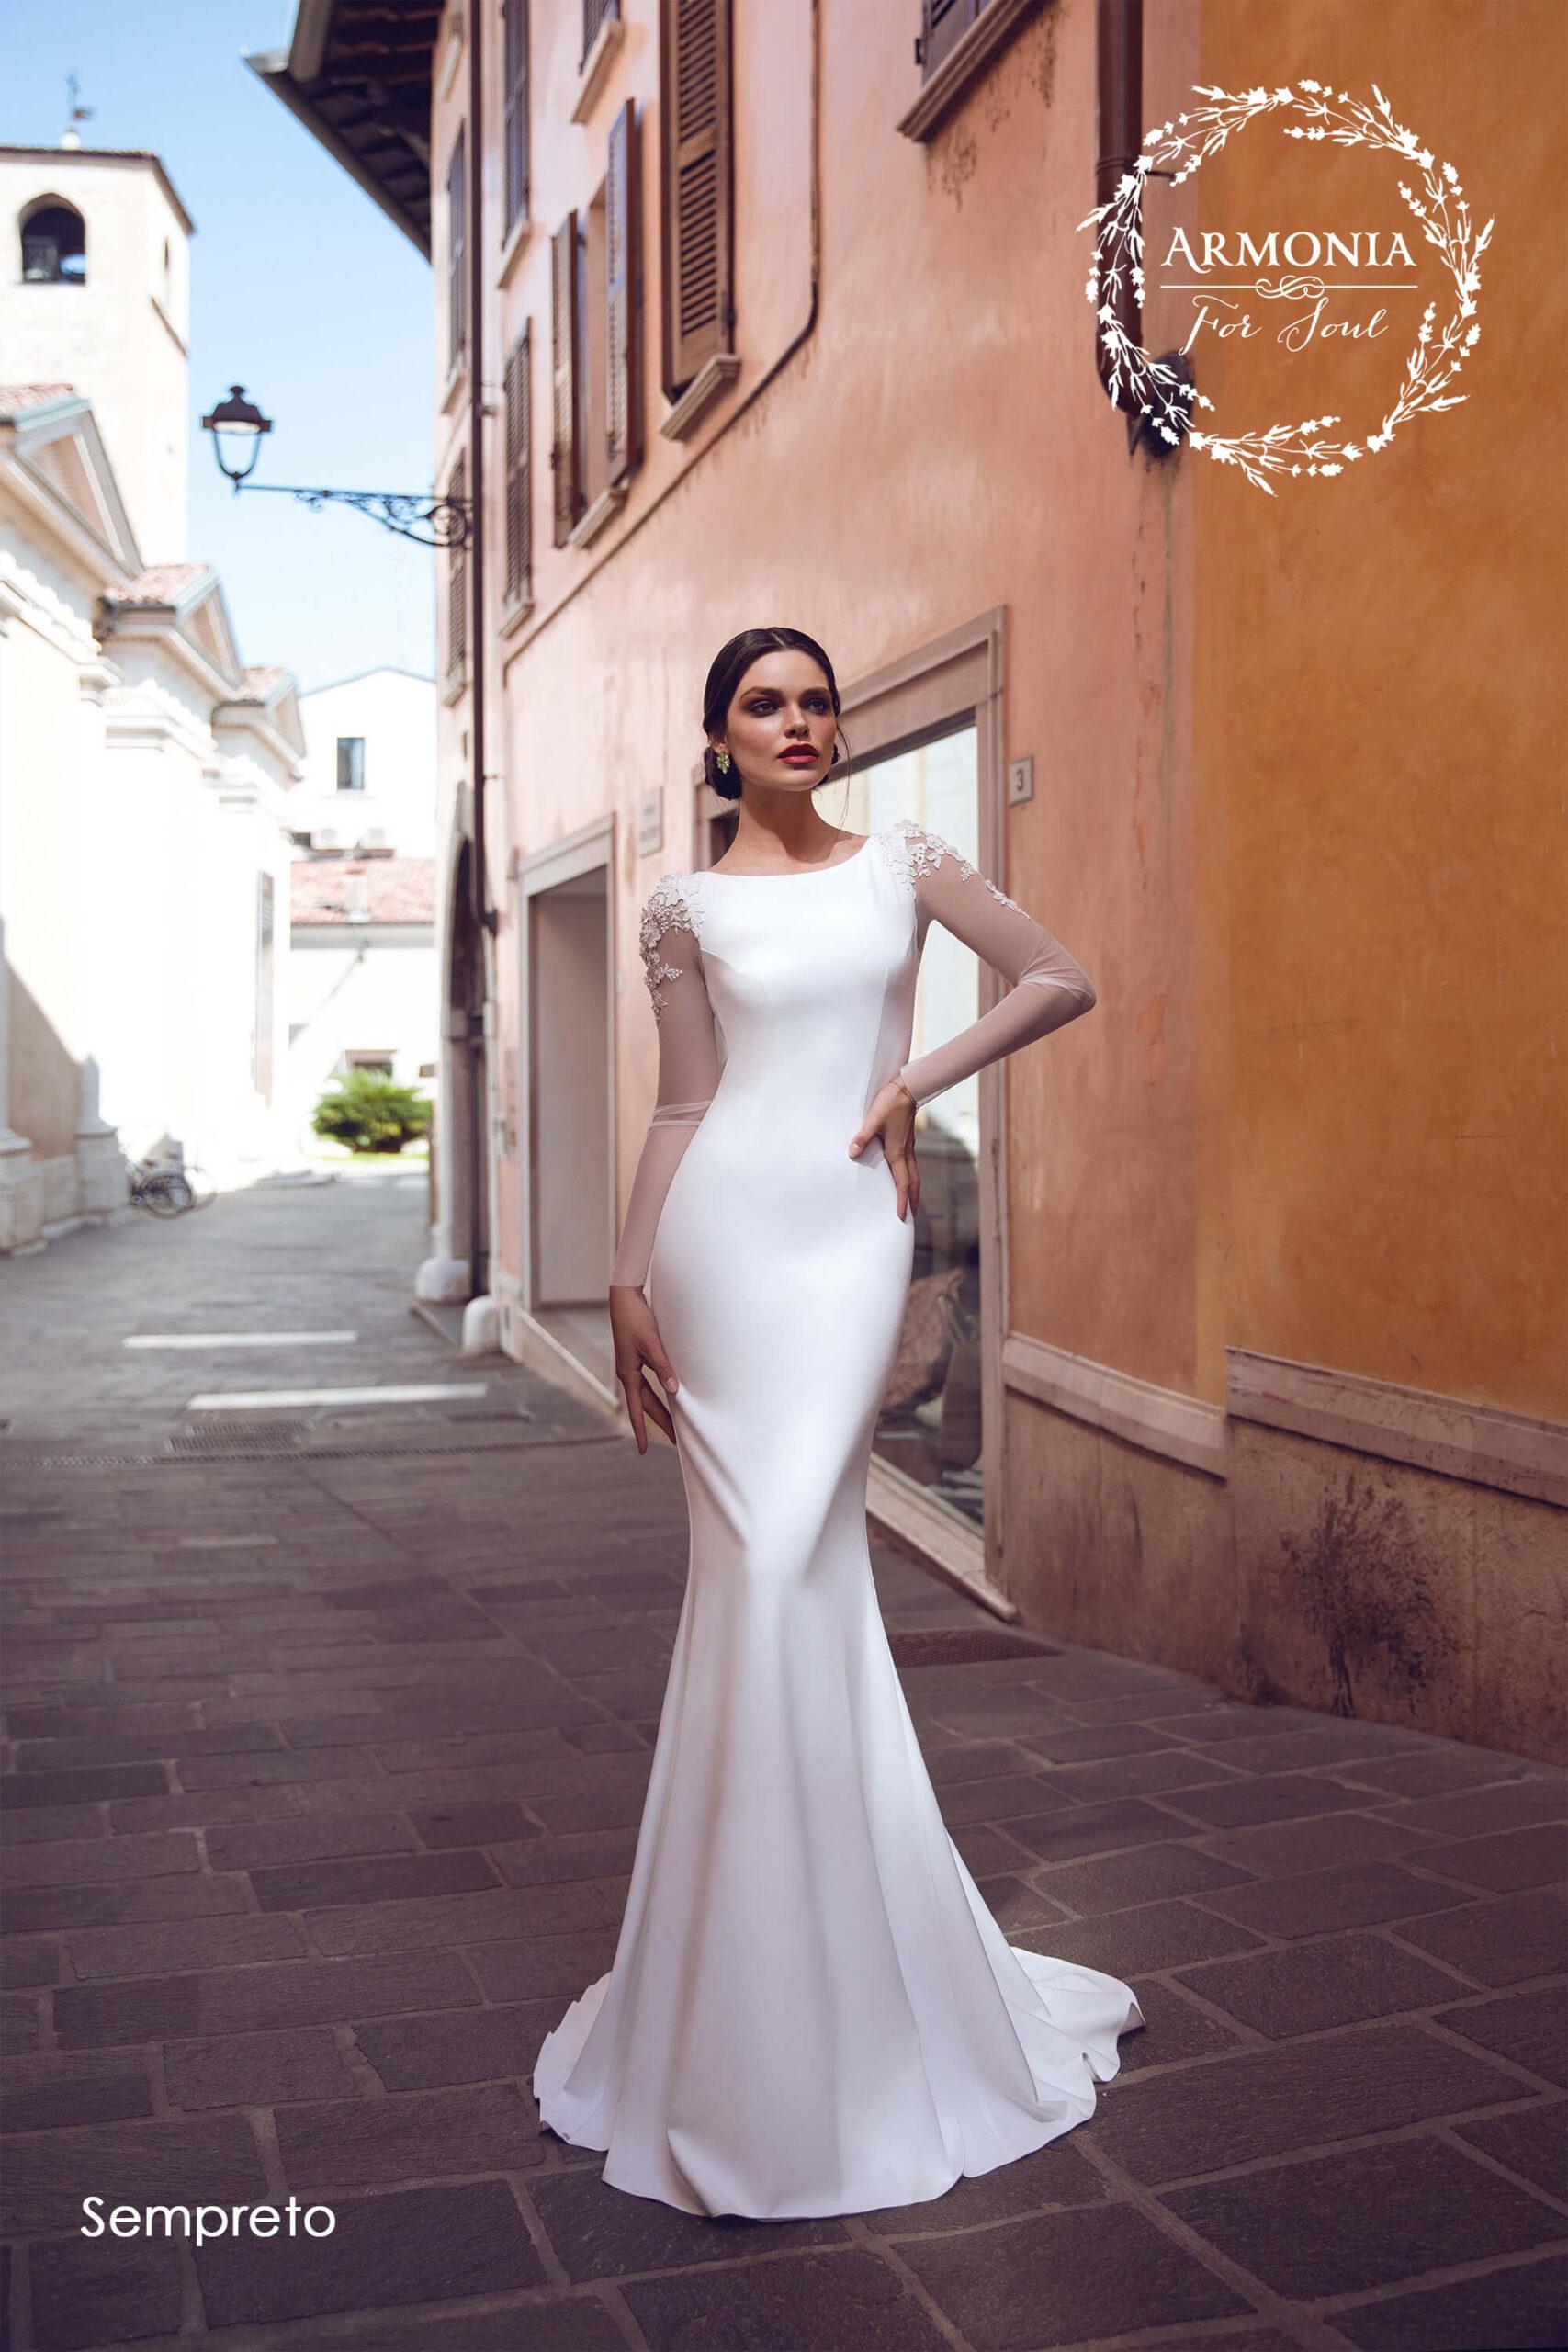 Cвадебное платье Sempreto Armonia